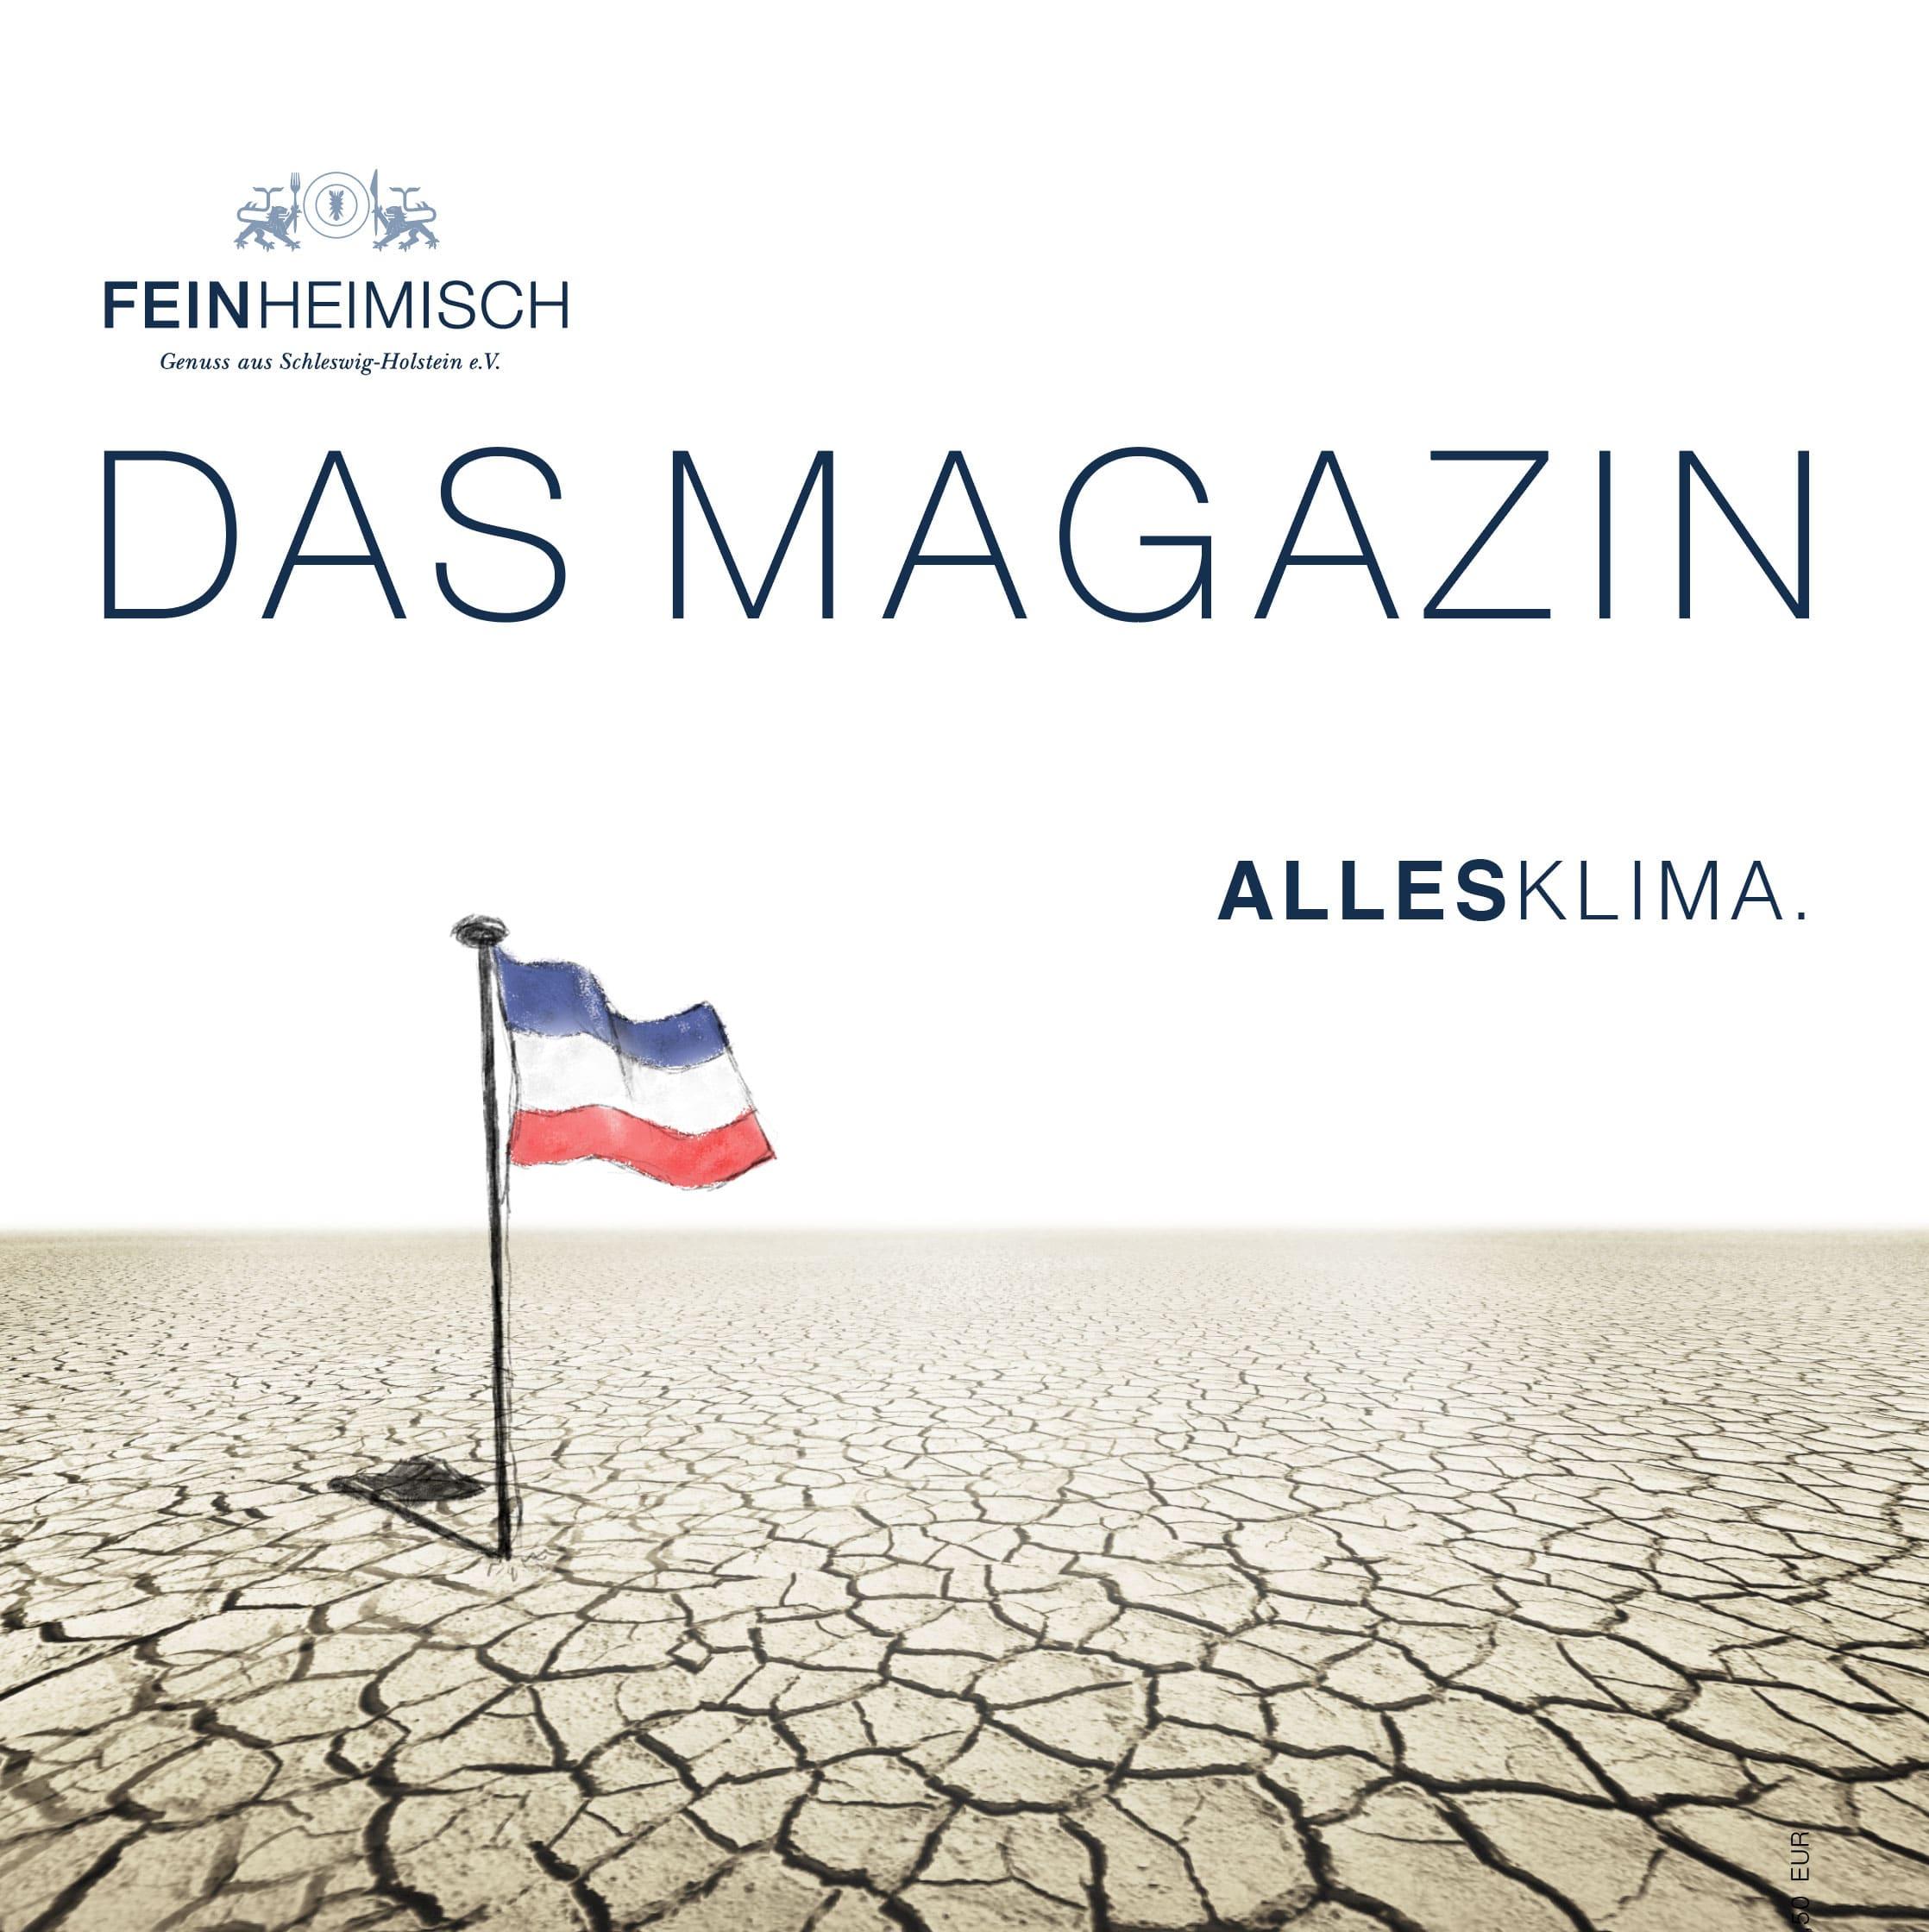 FEINHEIMISCH. DAS MAGAZIN 02_2020